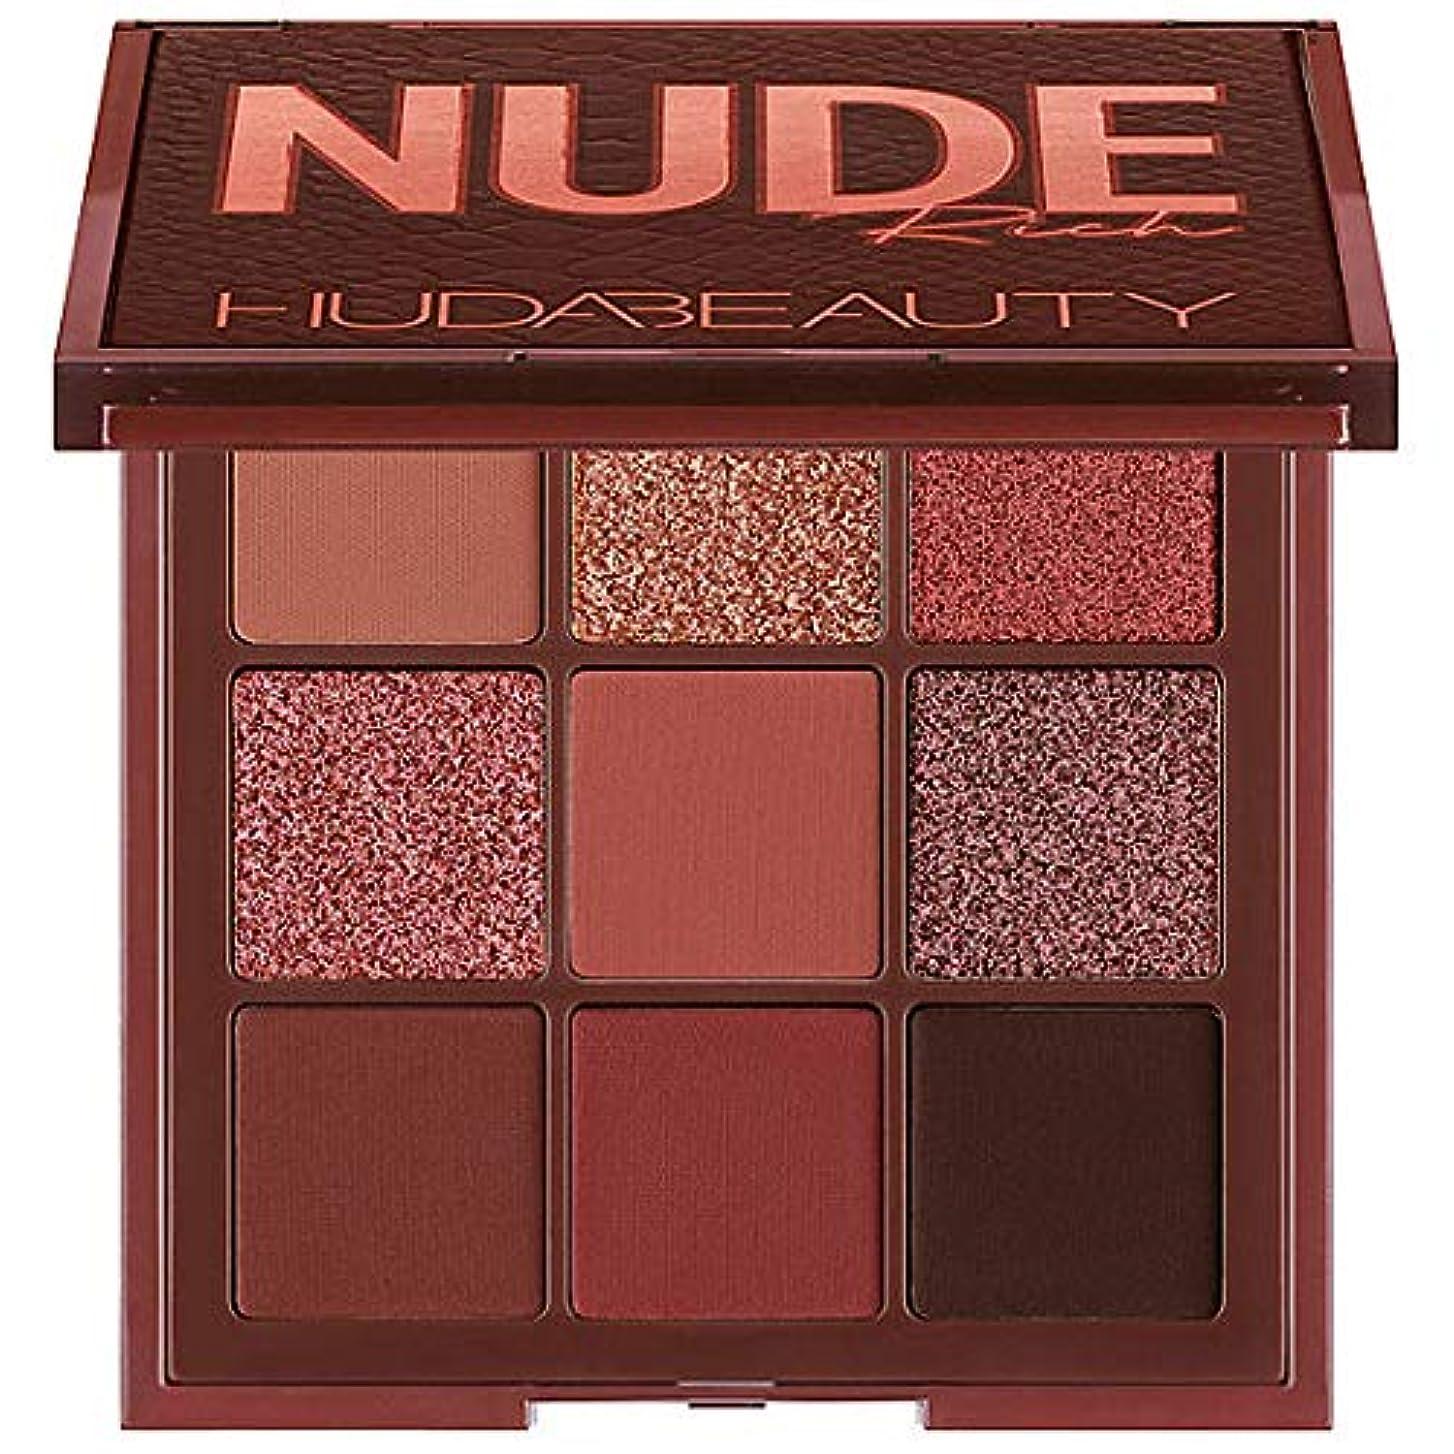 追う散逸音声HUDA BEAUTY Nude Obsessions Eyeshadow Palette Nude Rich